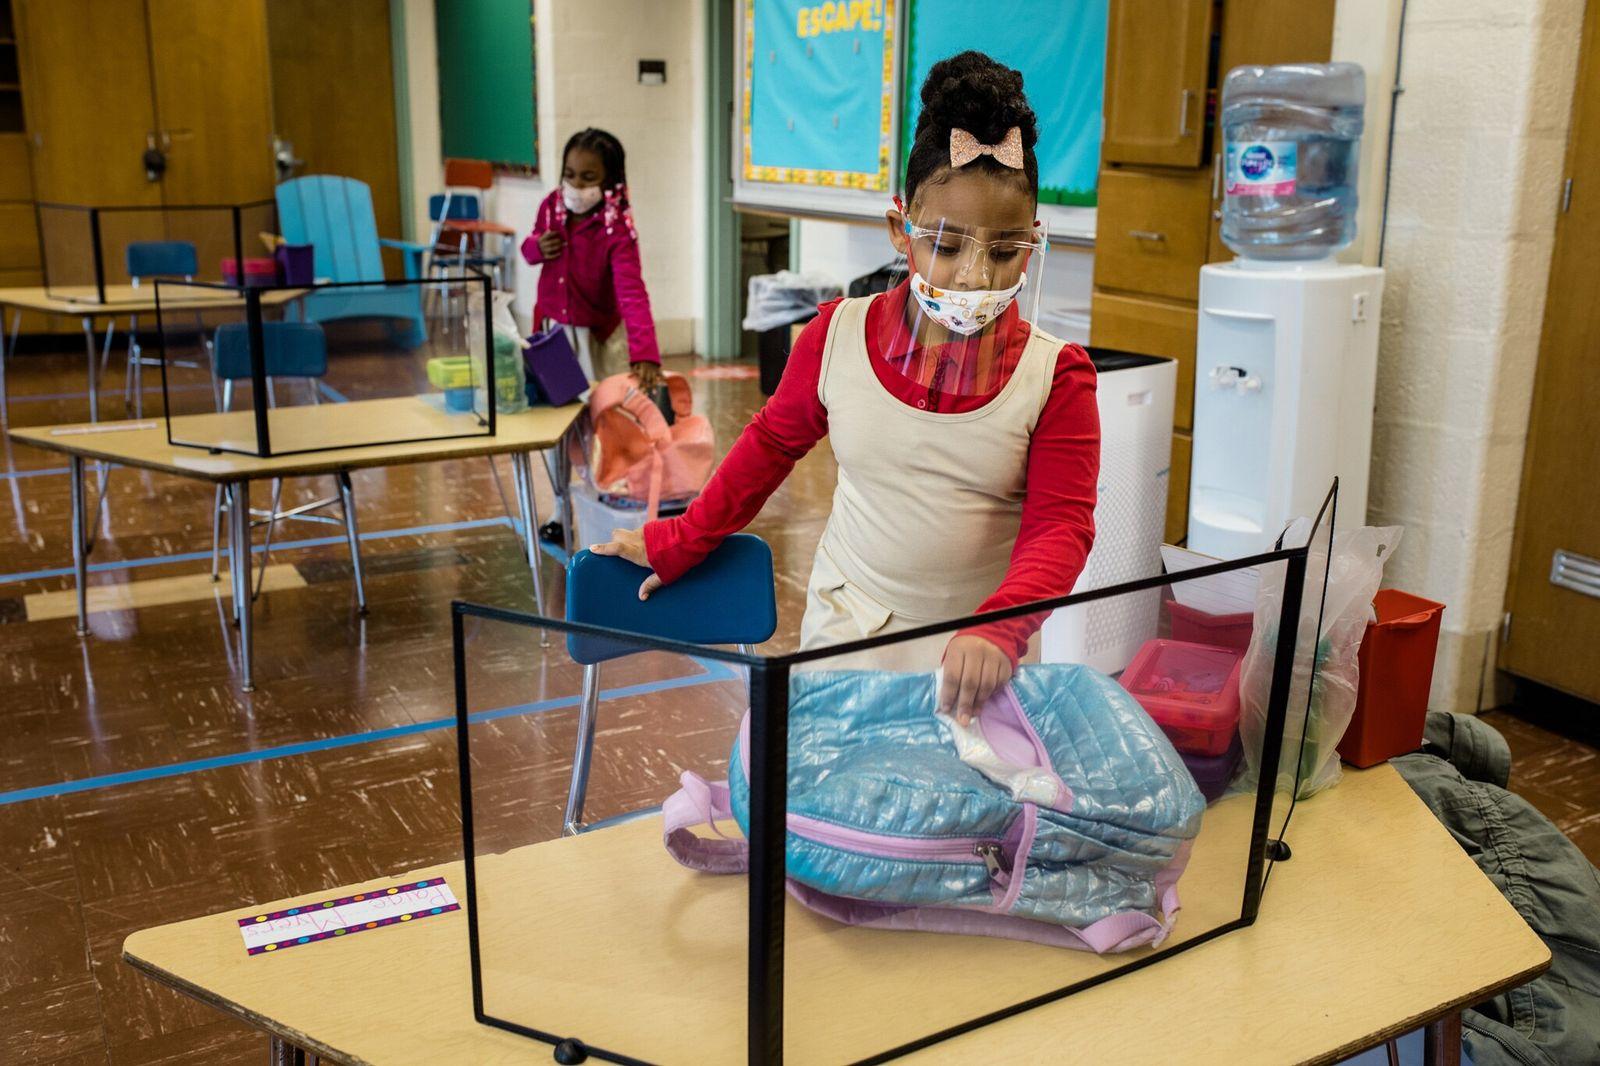 Un estudio en guarderías demuestra la baja transmisión de covid entre niños